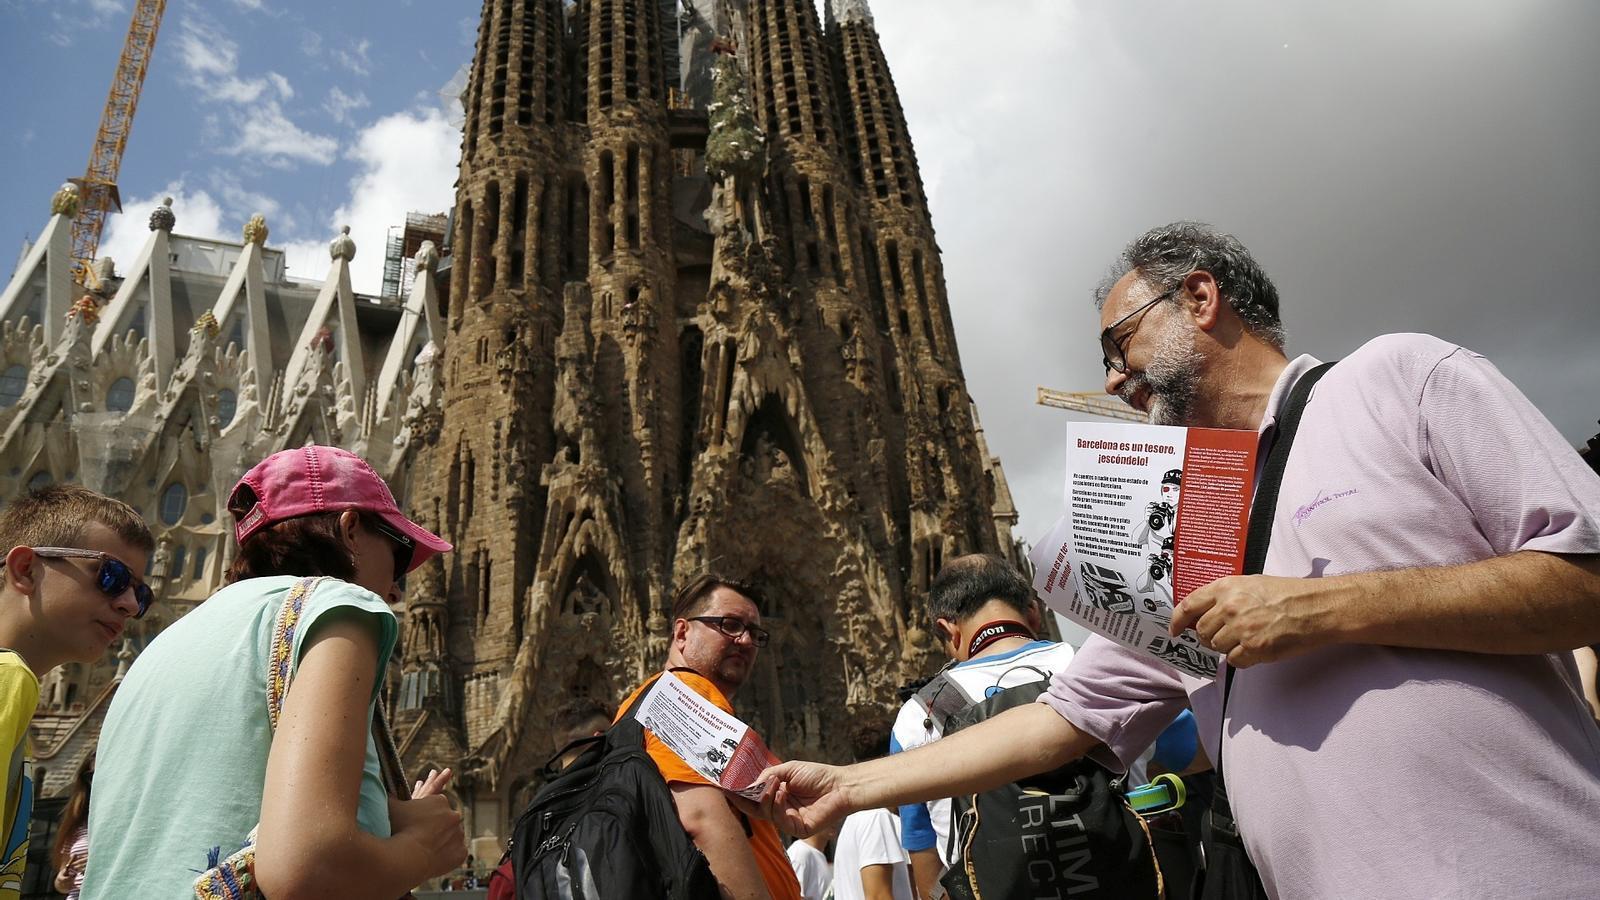 La Barcelona de Colau bat tots els rècords turístics